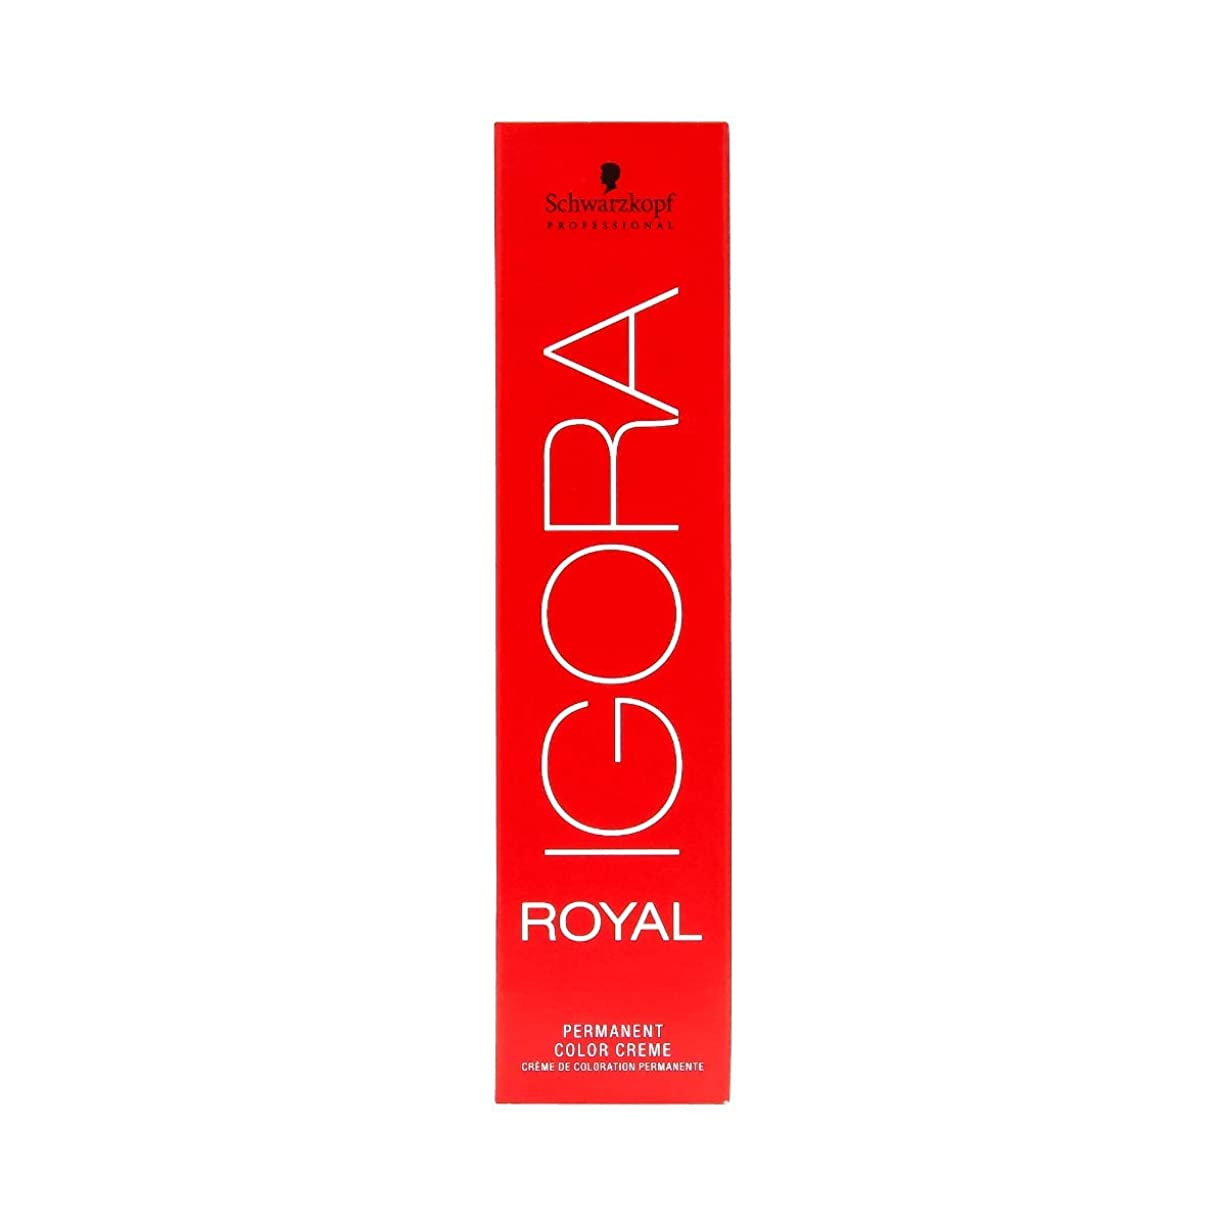 アサー費用まだらシュワルツコフ IGORA ロイヤル3-68パーマネントカラークリーム60ml[海外直送品] [並行輸入品]